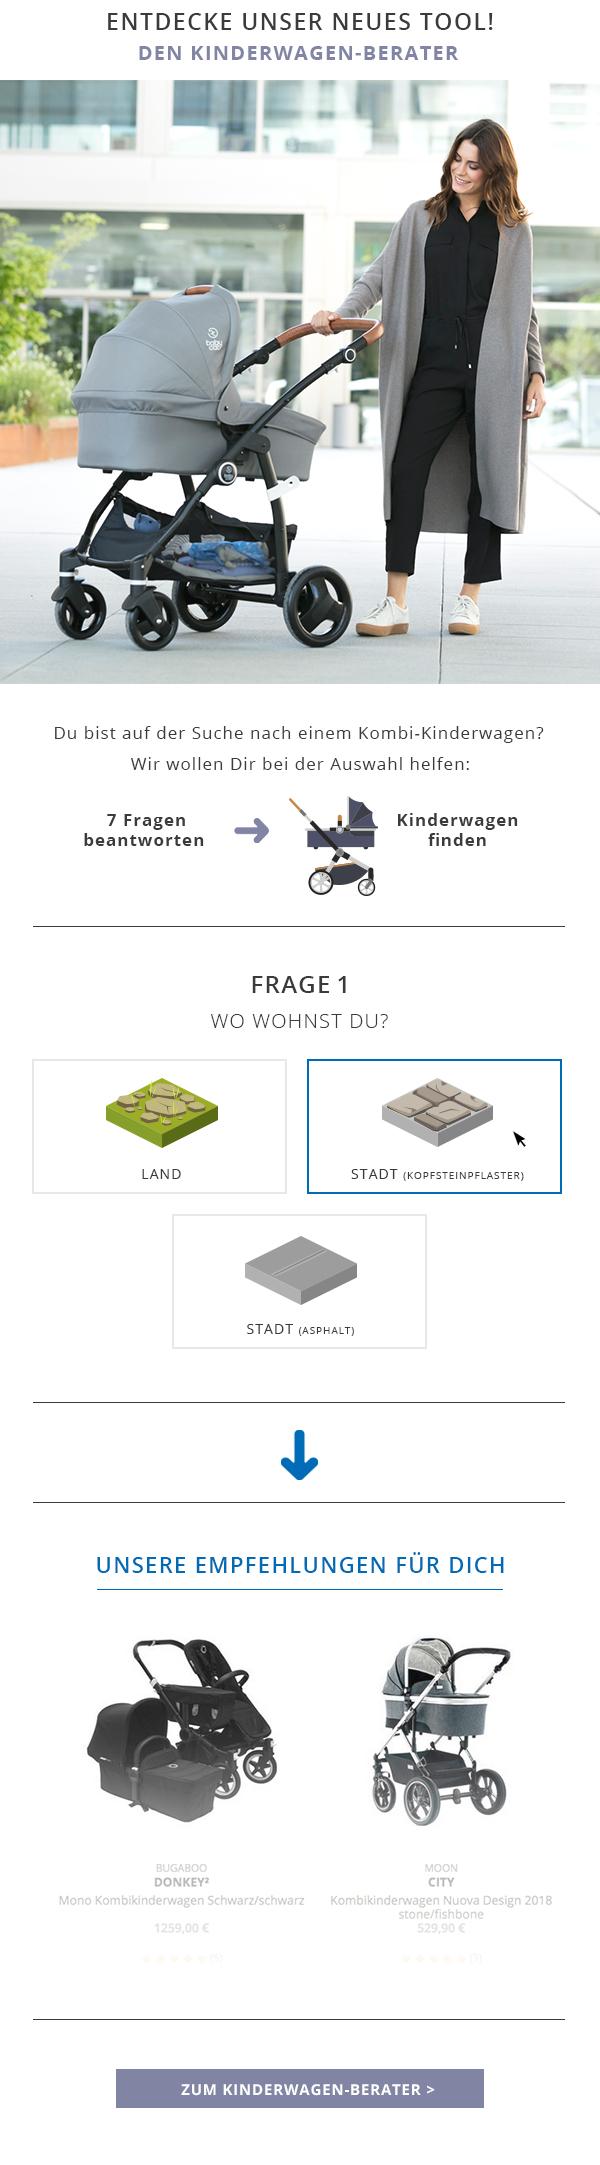 Berater Kinderwagen